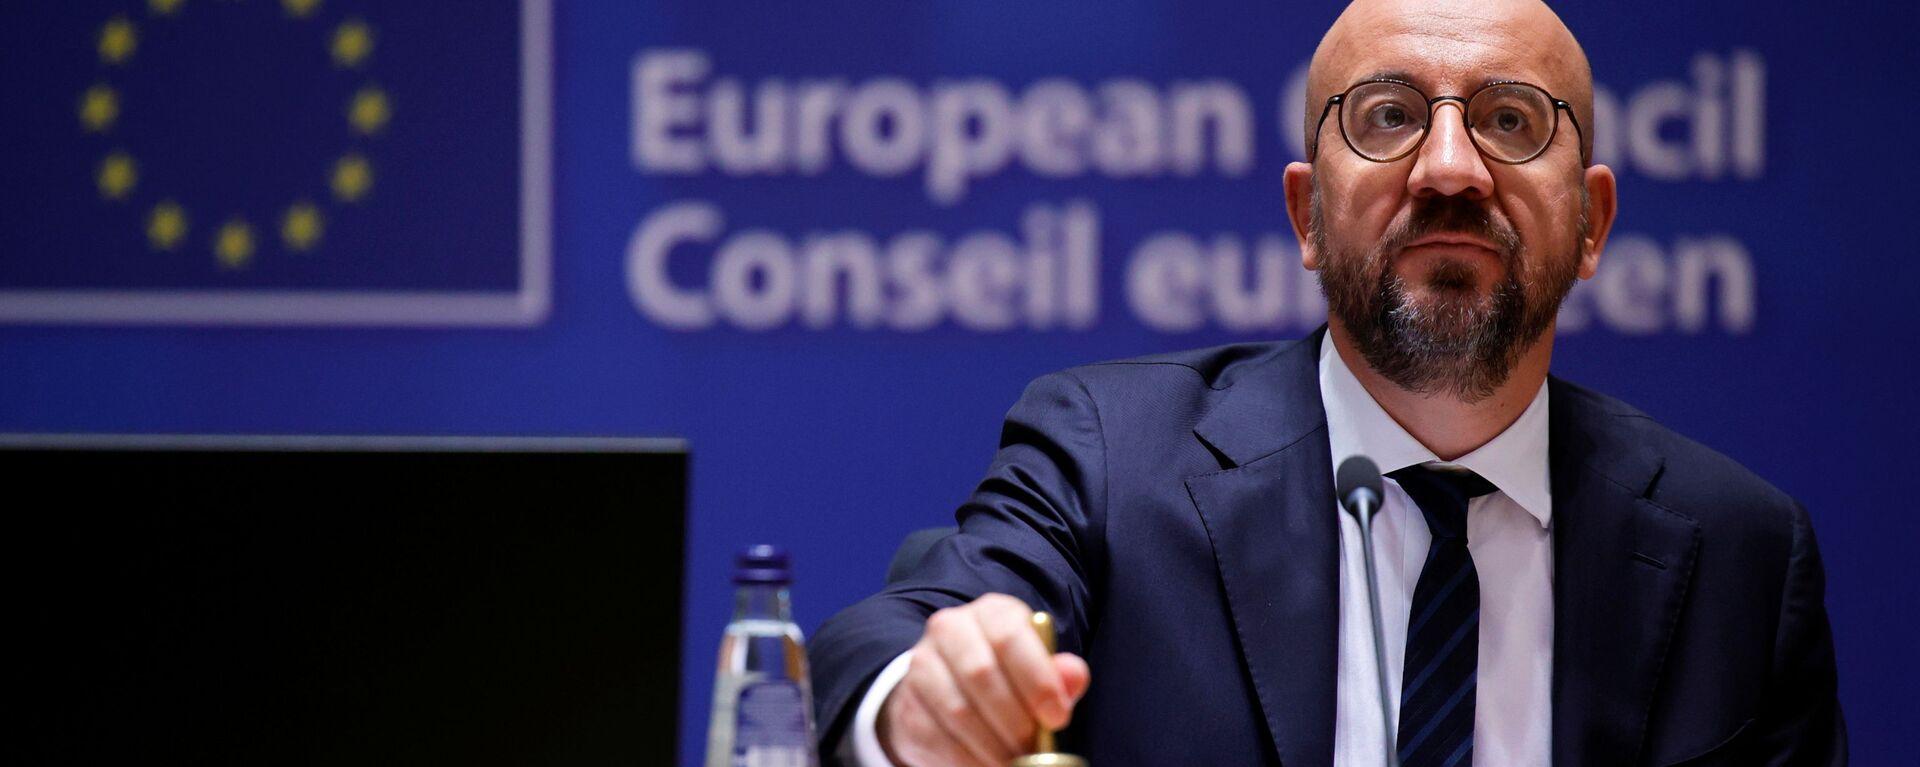 Il presidente del Consiglio UE Charles Michel - Sputnik Italia, 1920, 22.08.2021